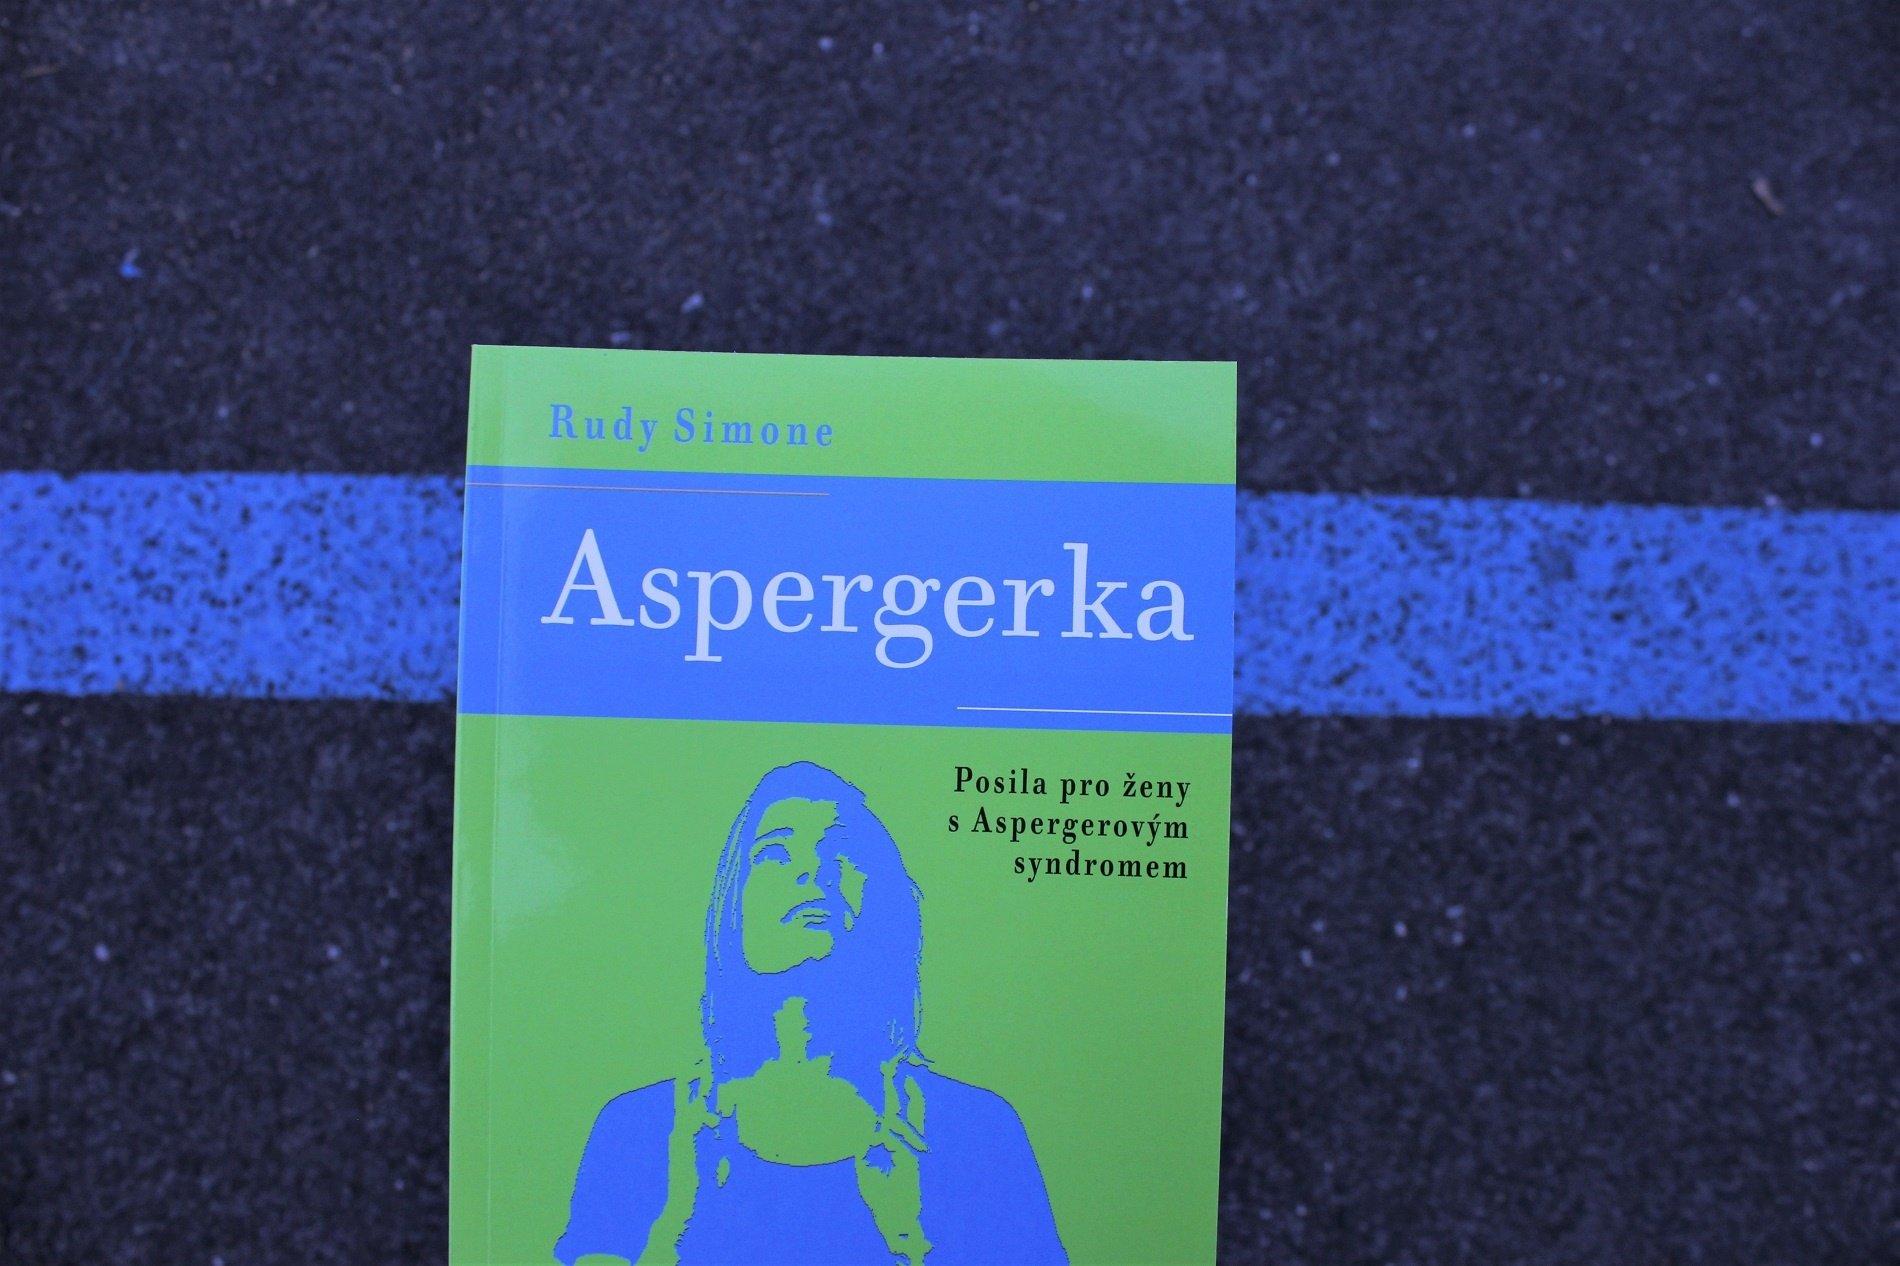 Aspergerka, aspergerův syndrom